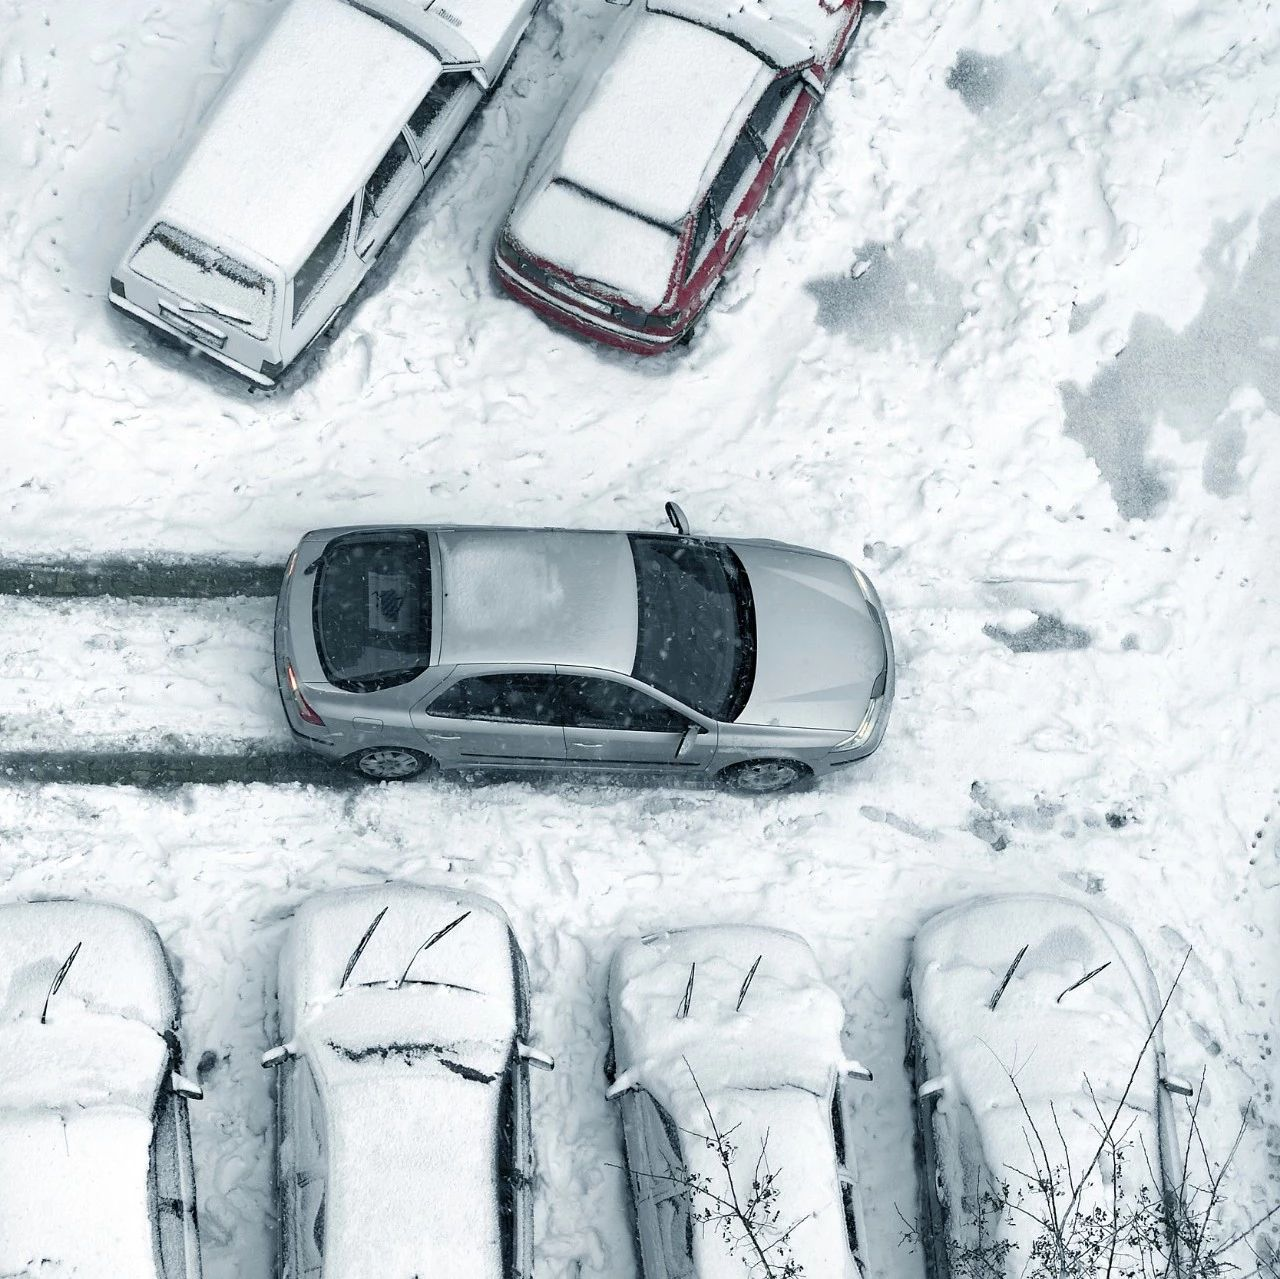 望江人必看:冰雪天怎么开车最安全?几个技巧拿走不谢!